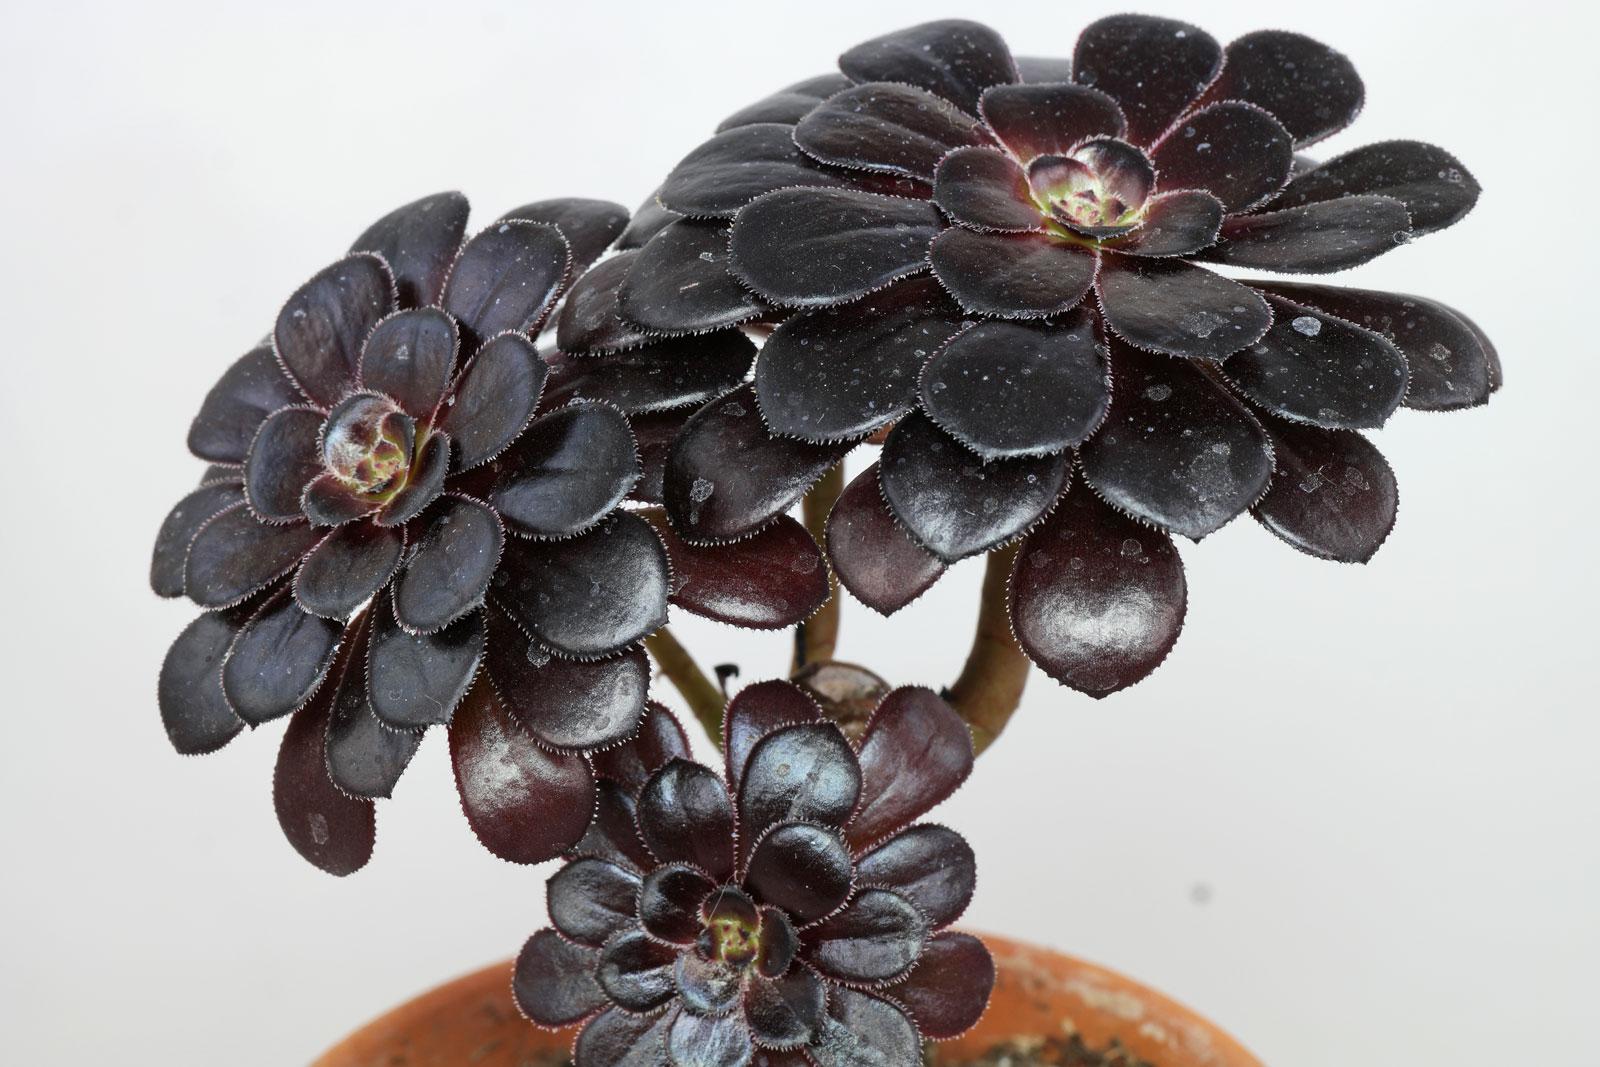 Aeonium arboreum Nigrum